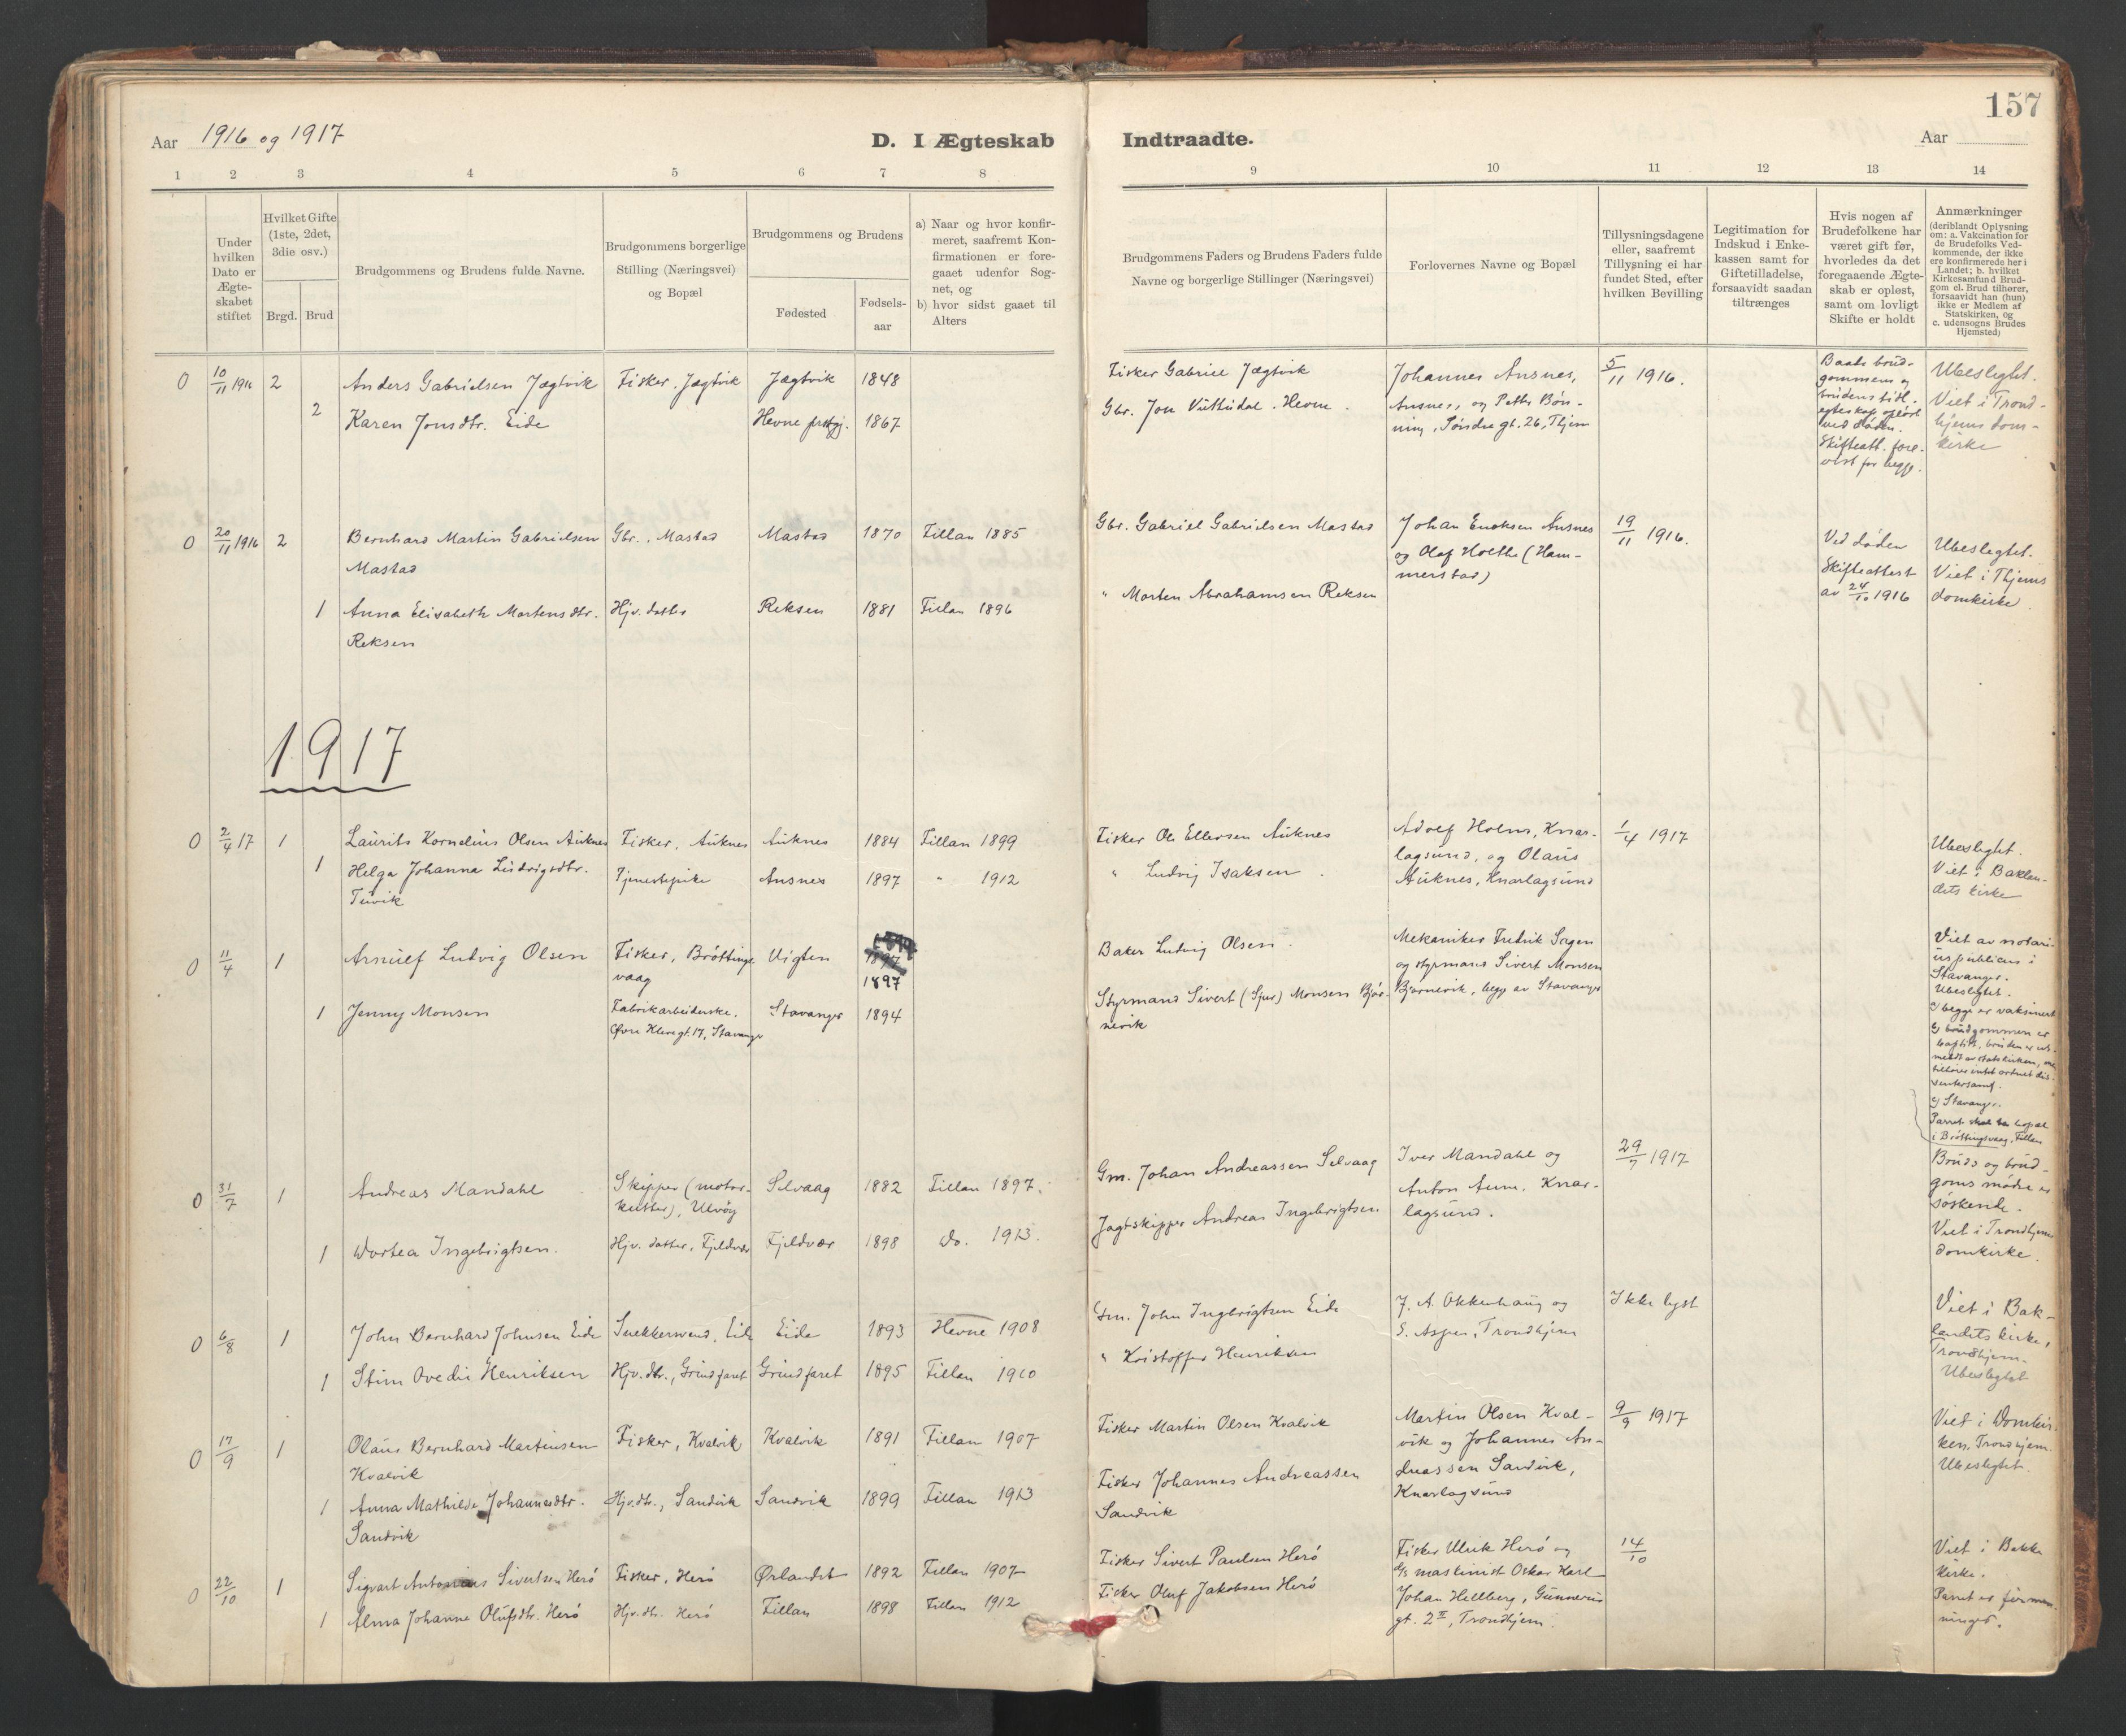 SAT, Ministerialprotokoller, klokkerbøker og fødselsregistre - Sør-Trøndelag, 637/L0559: Ministerialbok nr. 637A02, 1899-1923, s. 157